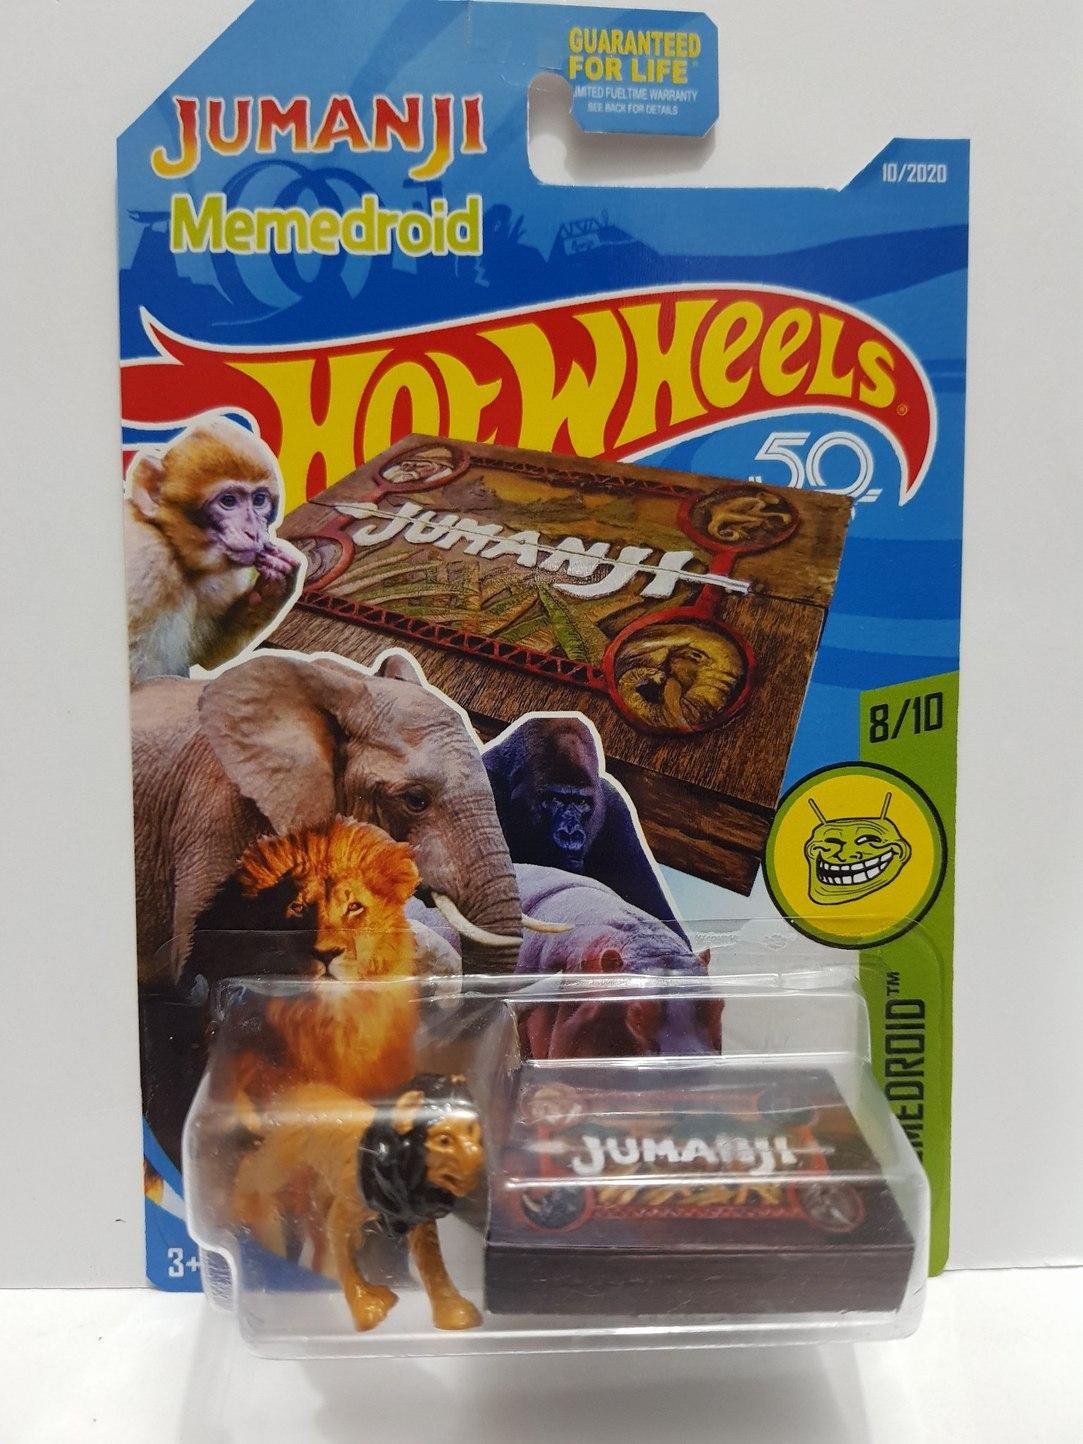 Jumanji hotwheels - meme